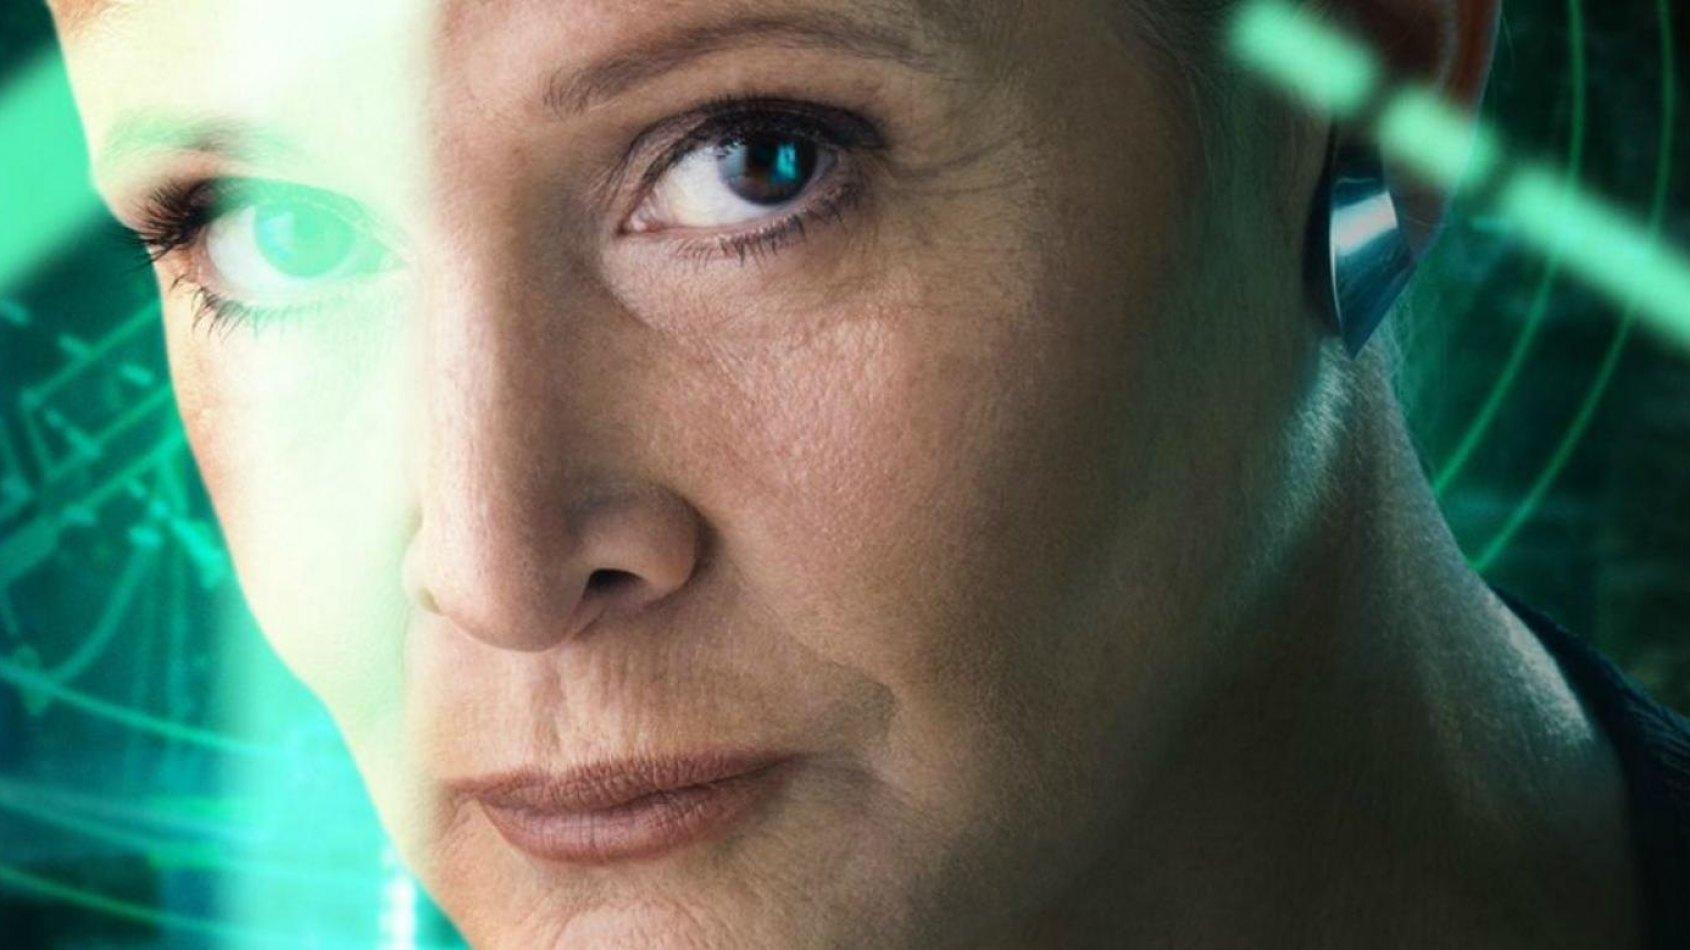 Une Leia en images de synthèse pour l'épisode IX ?